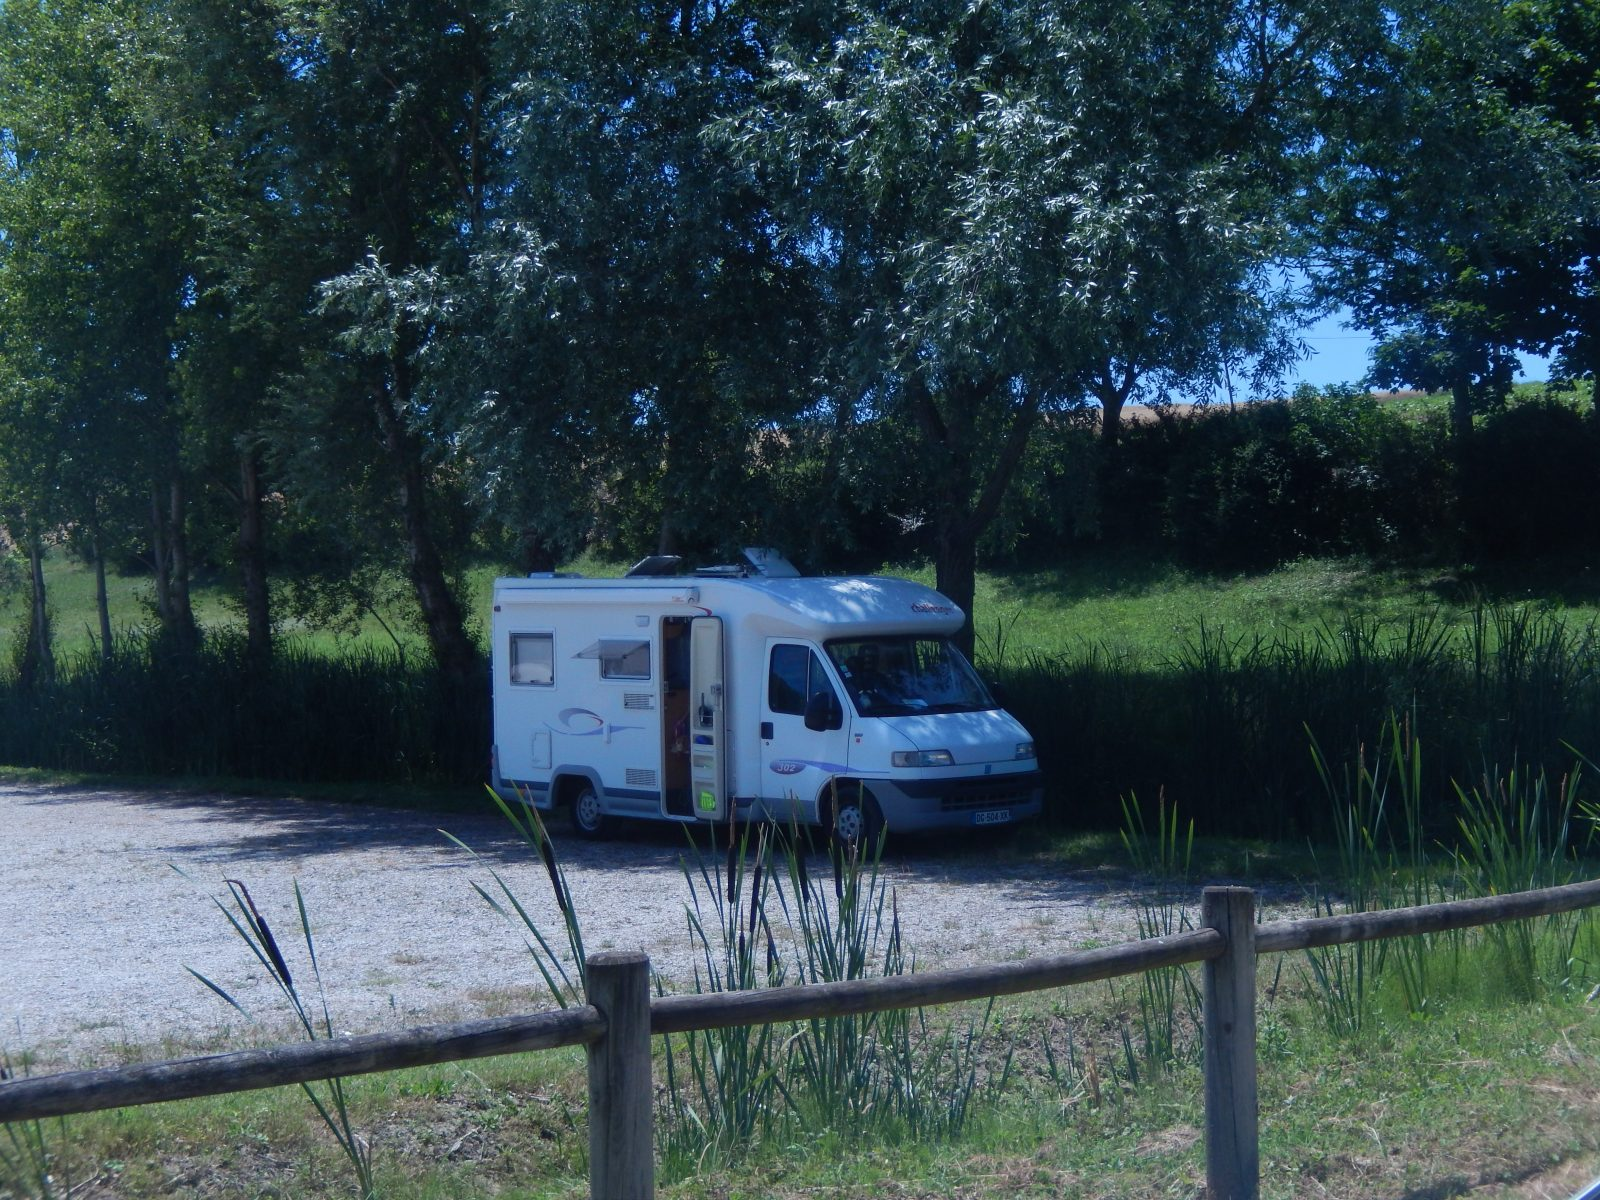 Borne de Services et Aire de Stationnement Camping-Car de Lautrec